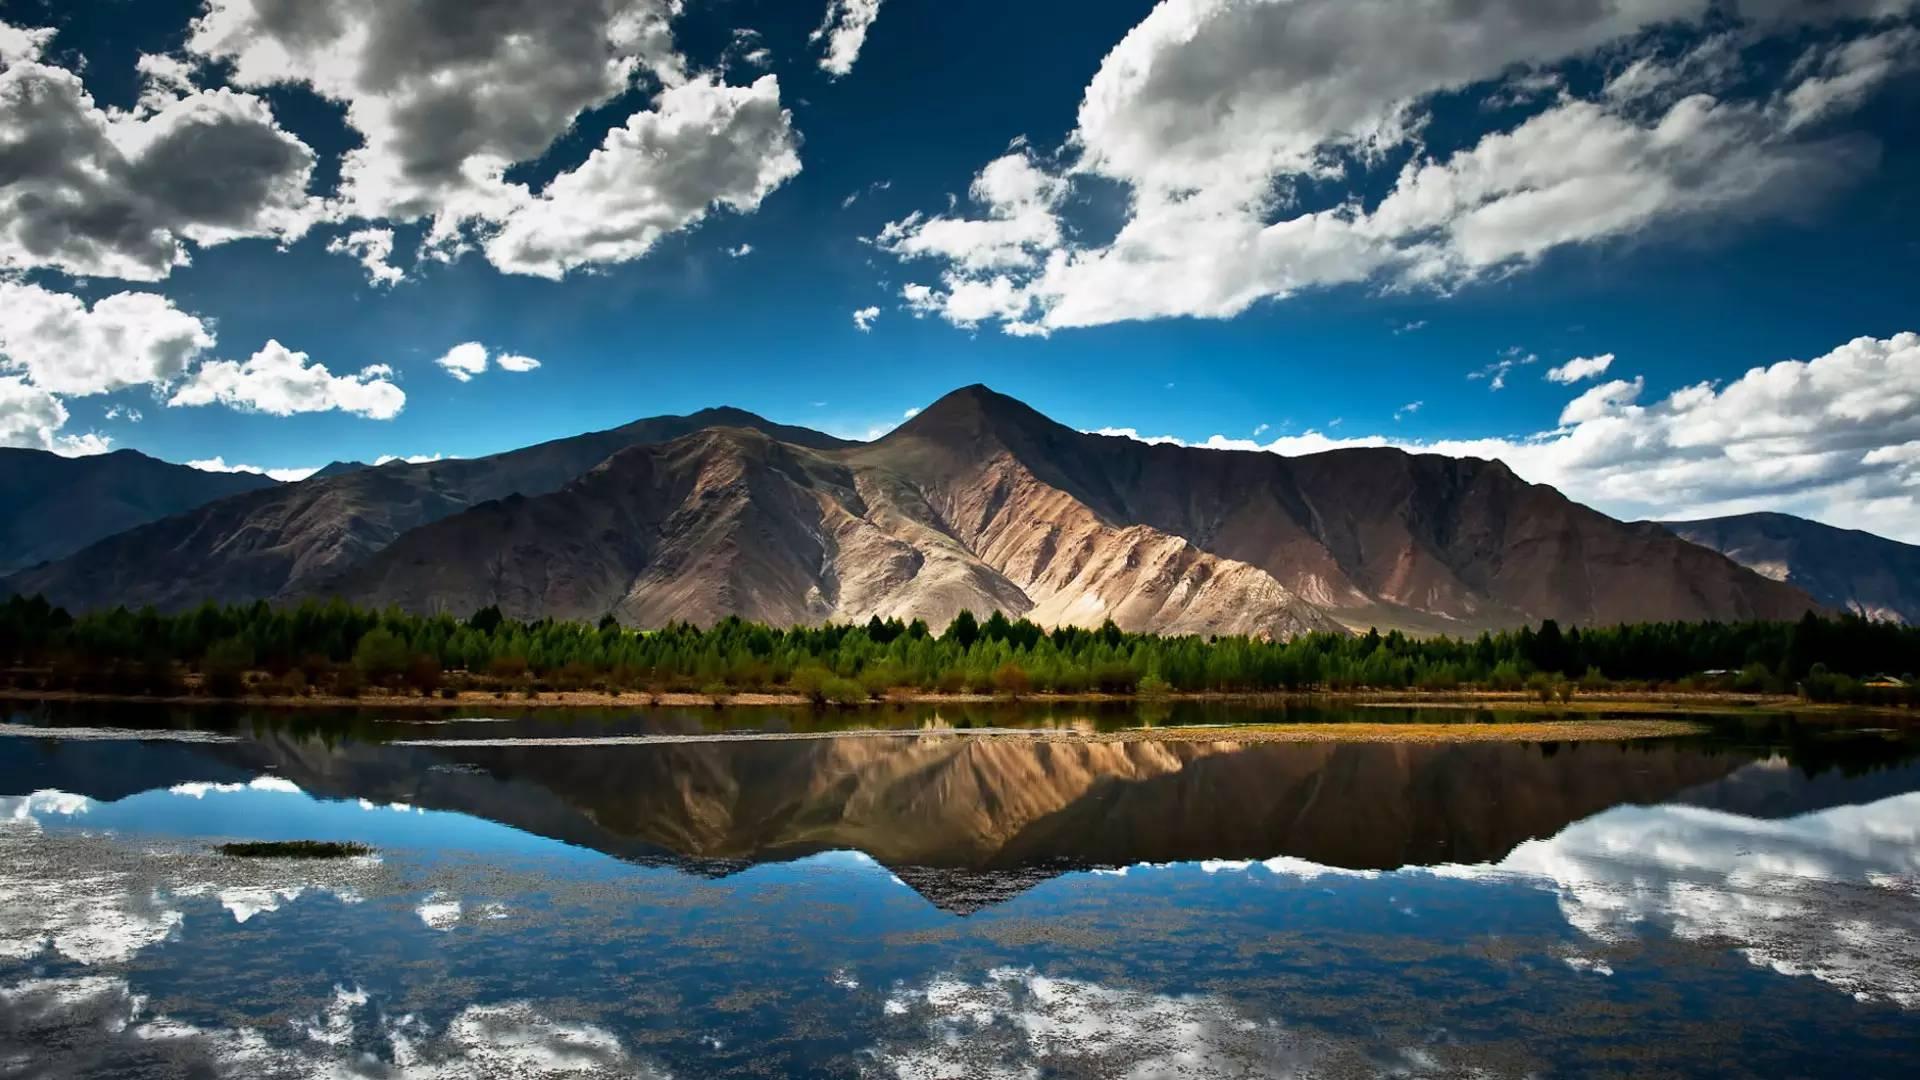 西藏最美的5个景点,一定不要错过